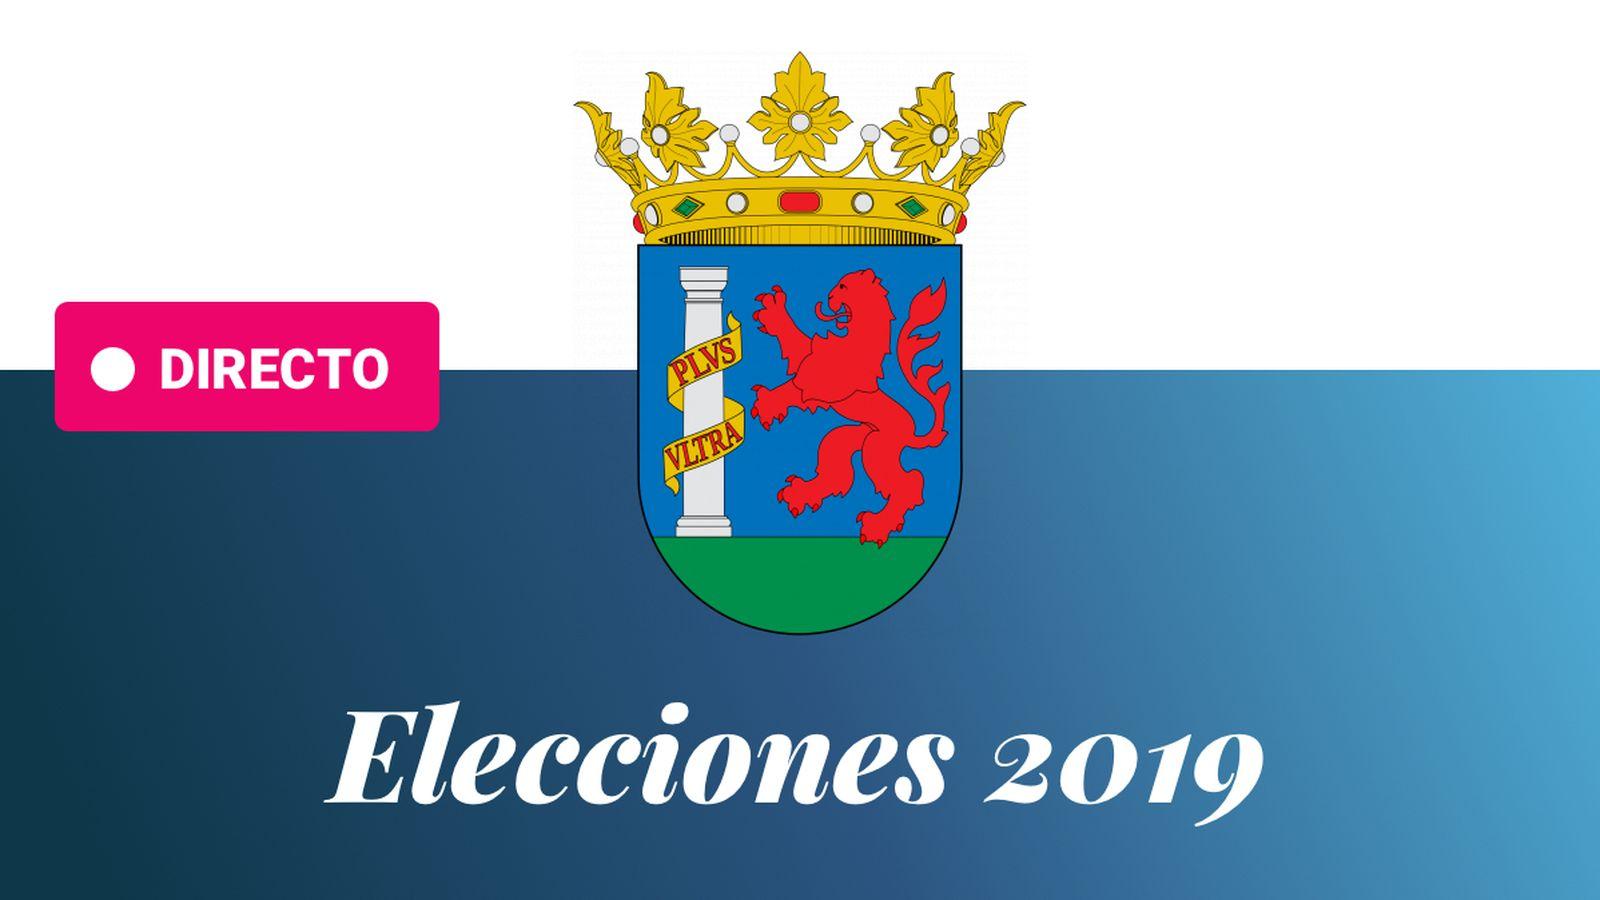 Foto: Elecciones generales 2019 en la provincia de Badajoz. (C.C./HansenBCN)